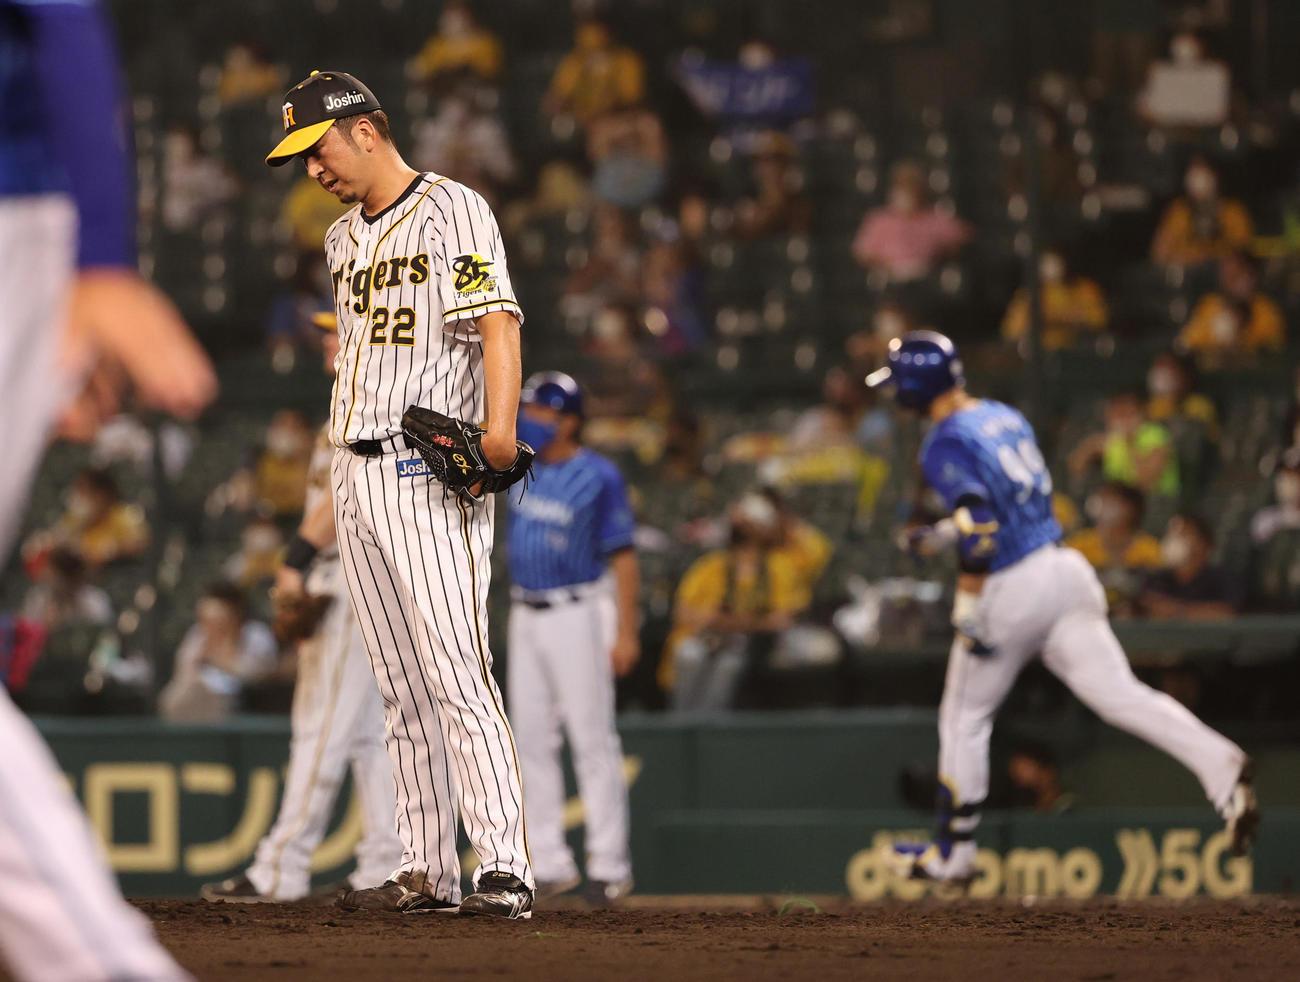 阪神対DeNA 9回表DeNA1死一塁、ソトに勝ち越しの2点本塁打を浴びる藤川(撮影・清水貴仁)